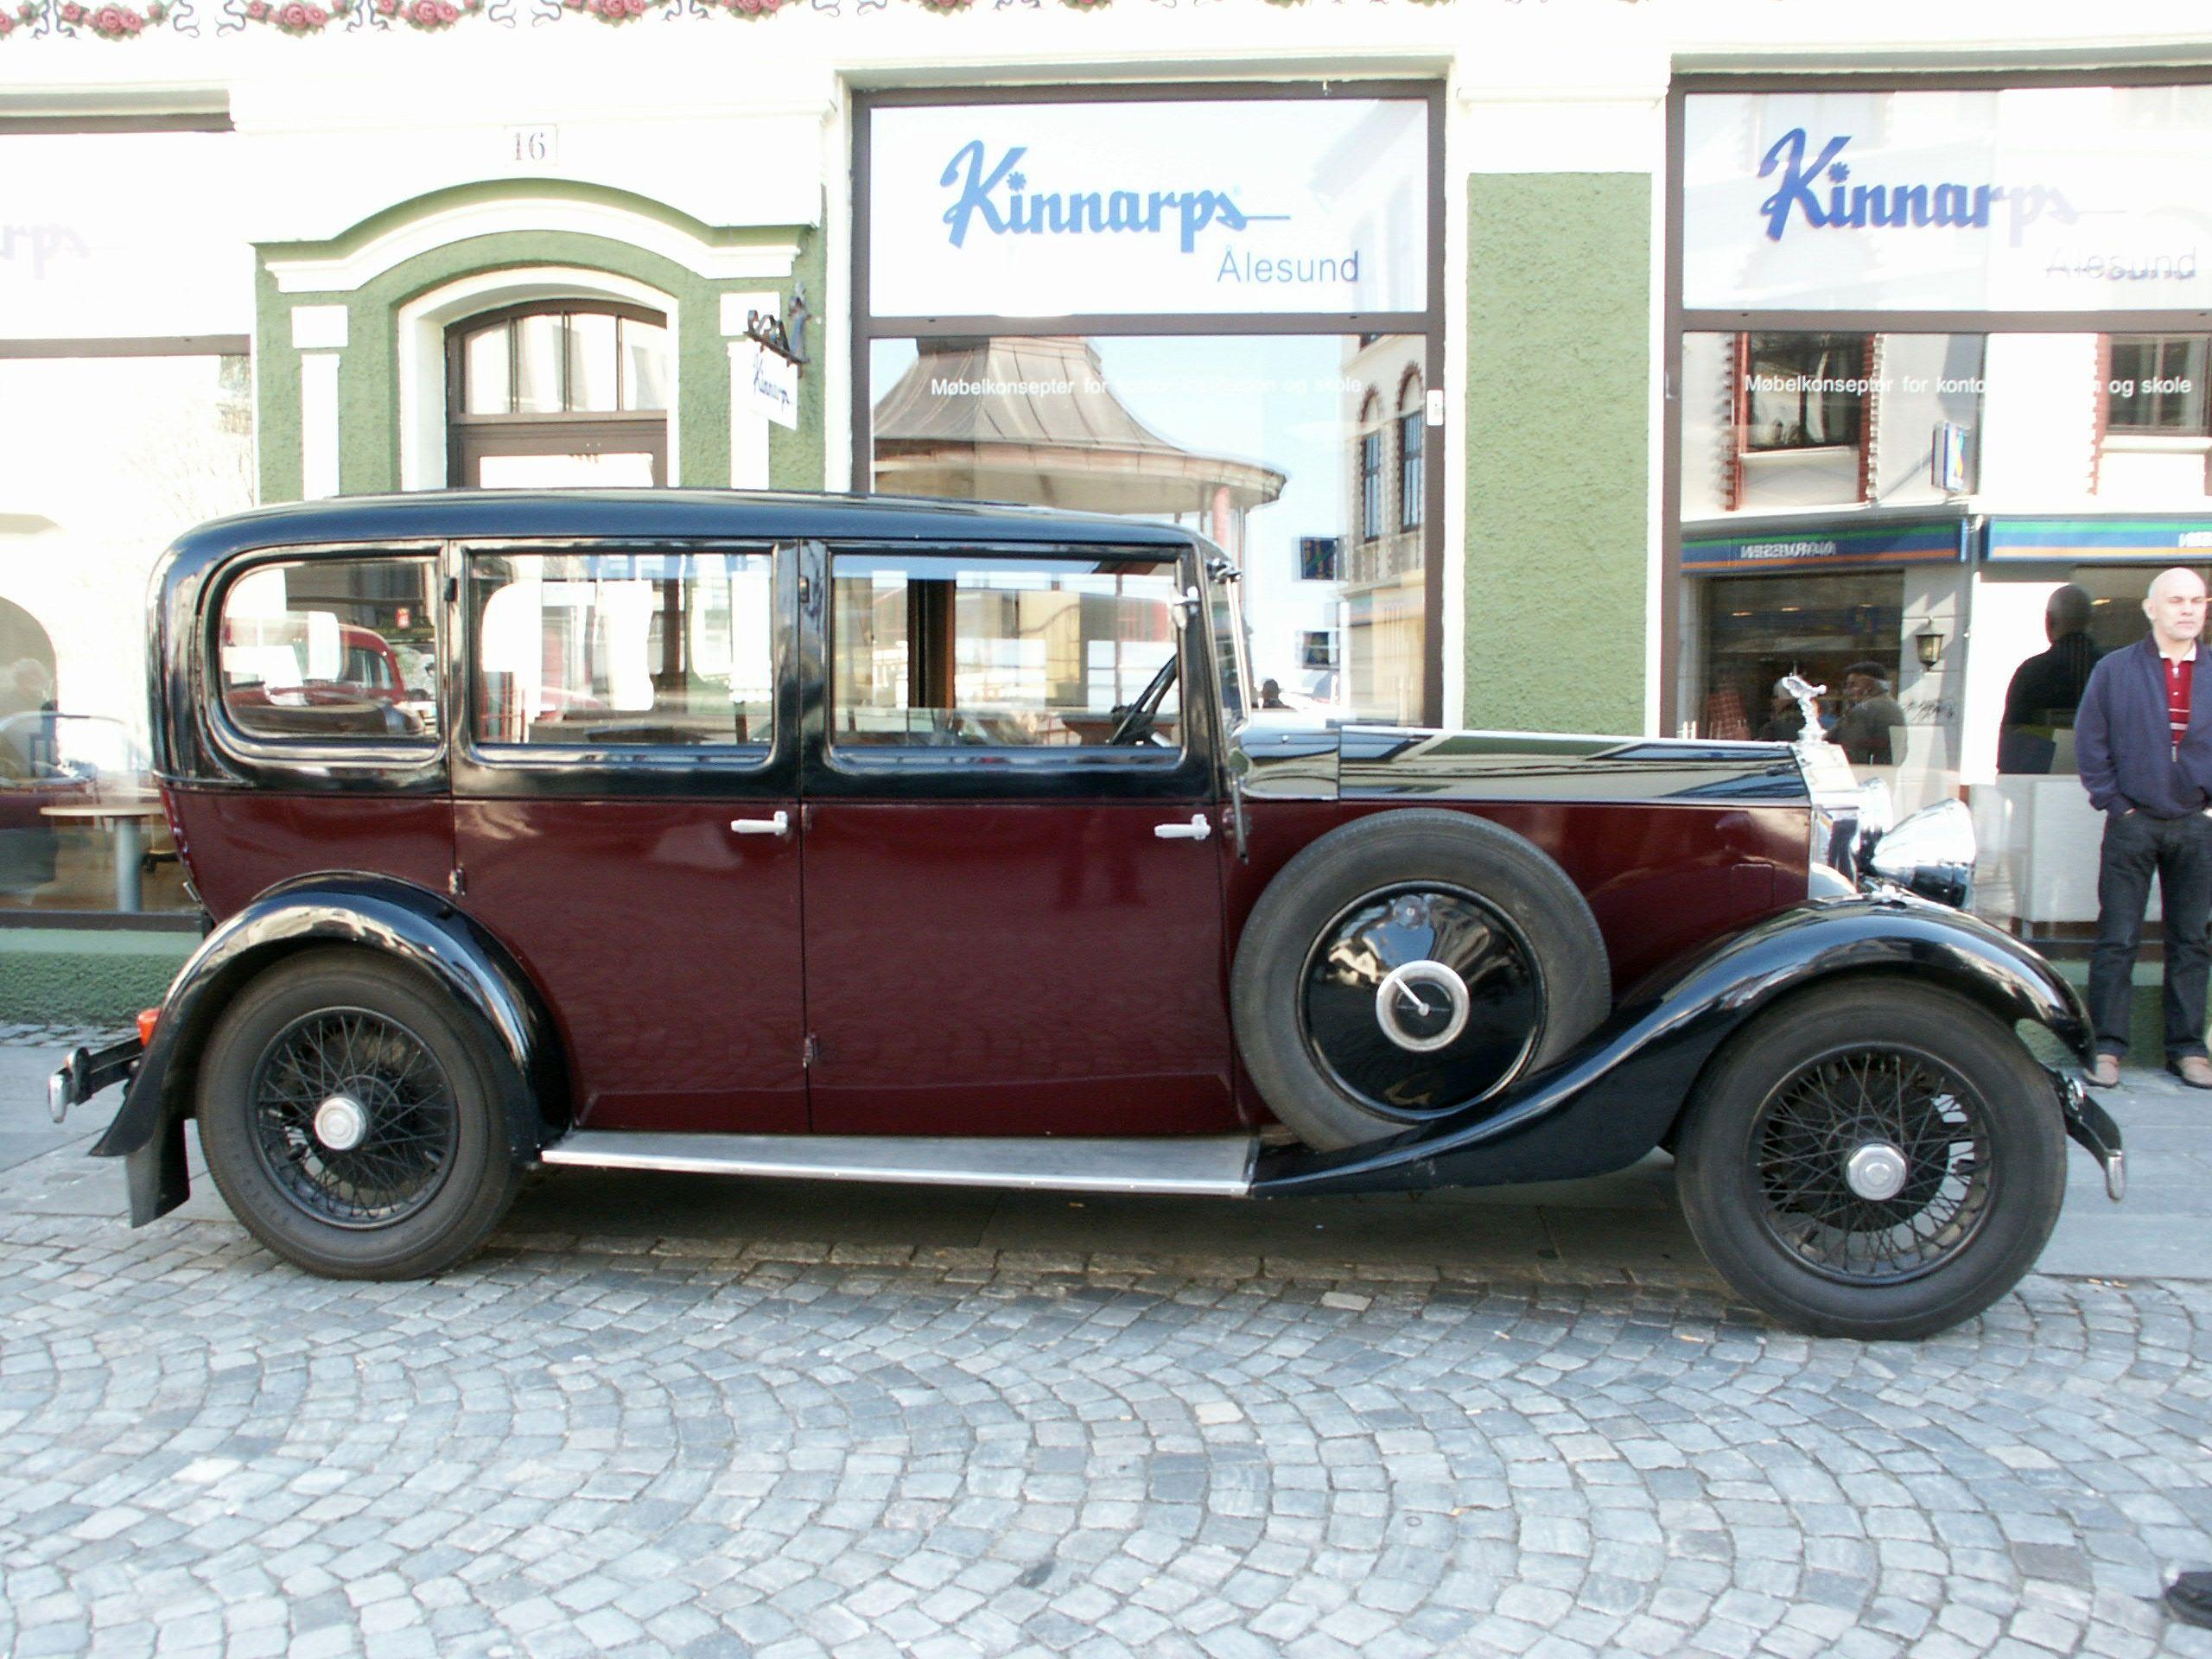 Pin by Martin Lewer-Allen on CARS | Pinterest | Rolls royce, Royce ...